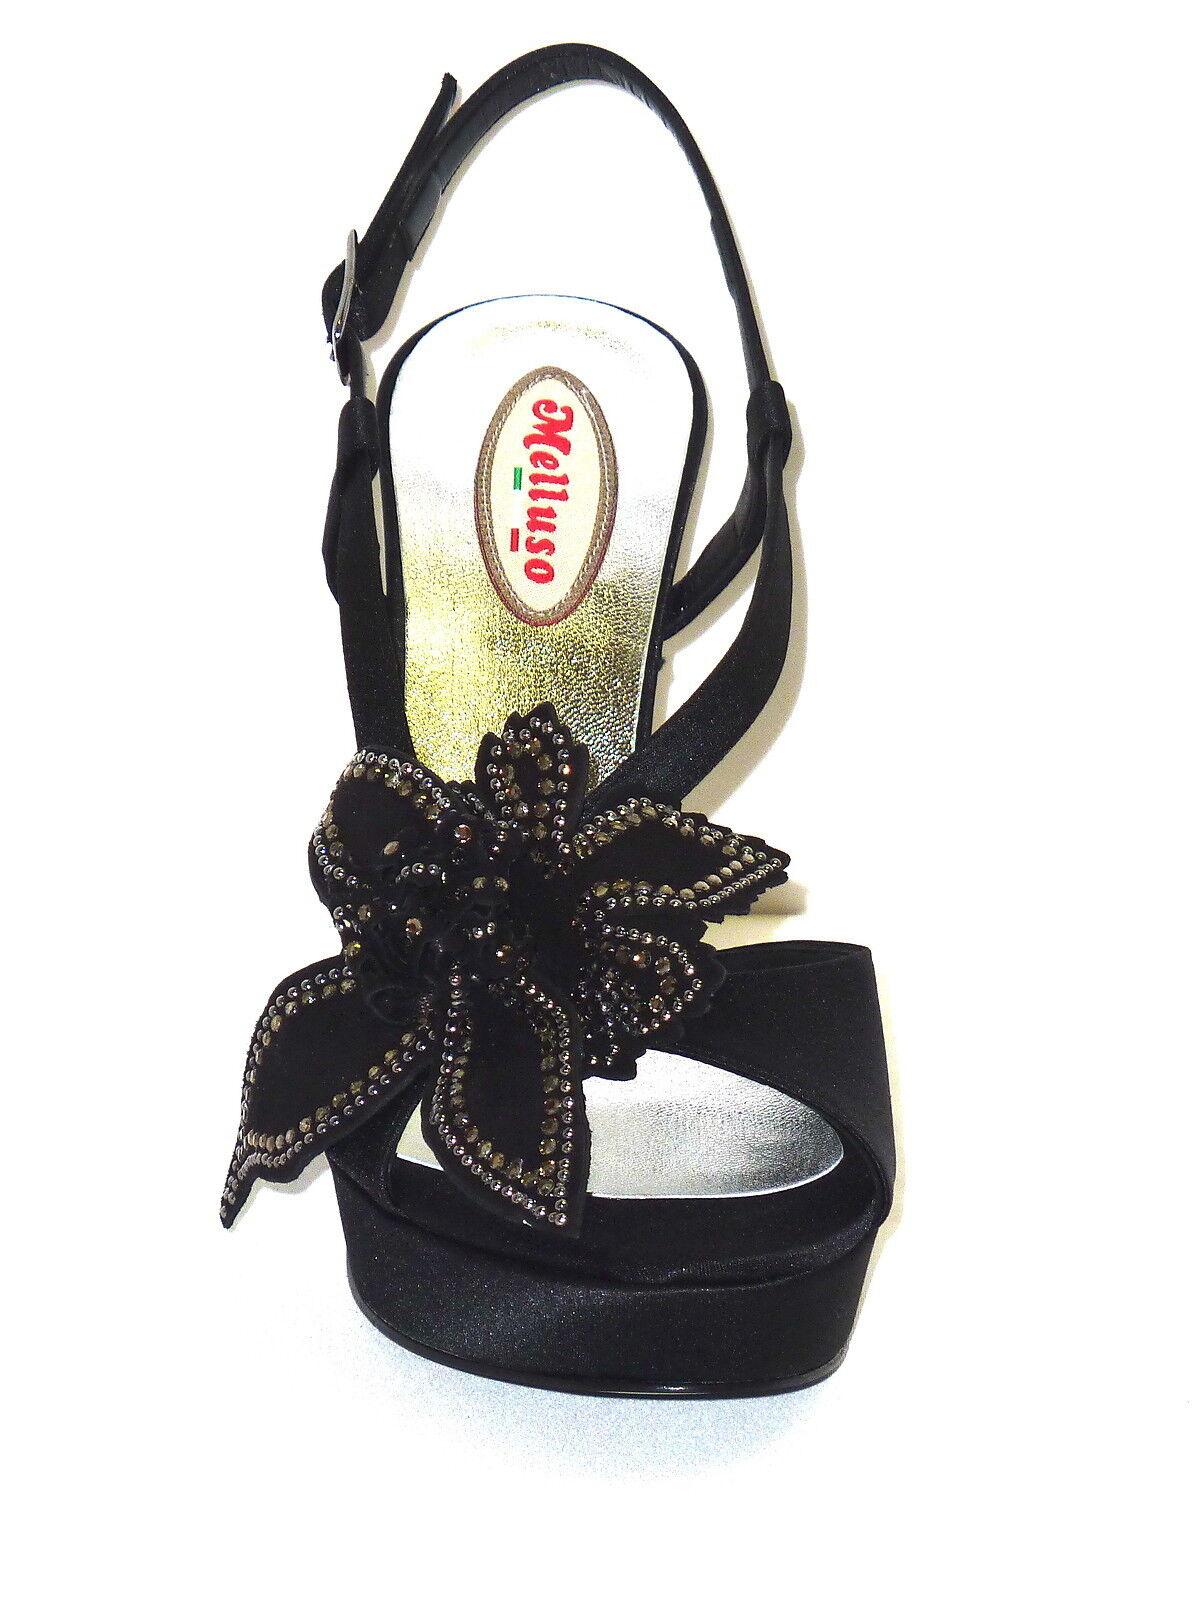 SEXY sandali FLUORESCENTI GLITTER tacco 15 plateau dal BLU 35 al 44 BLU dal club GLAMOUR c07eb7